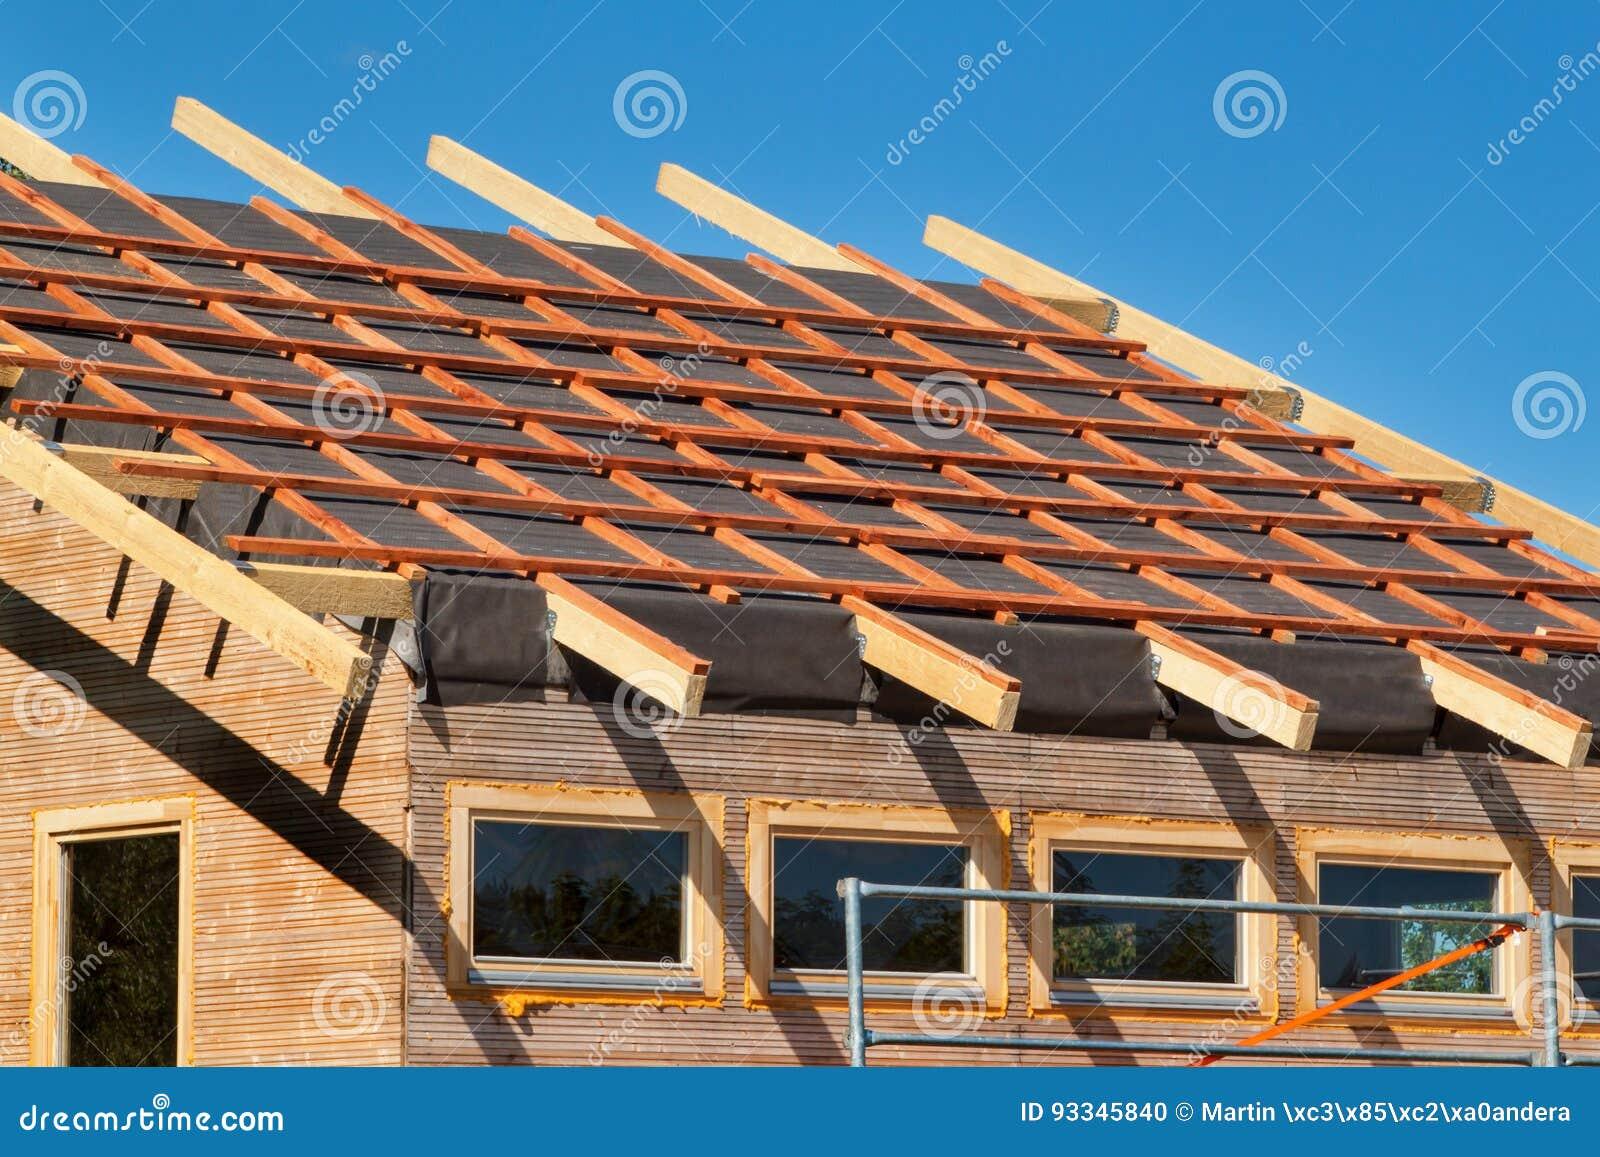 Construcci n de un tejado de madera en una casa ecol gica for Tejados de madera precios